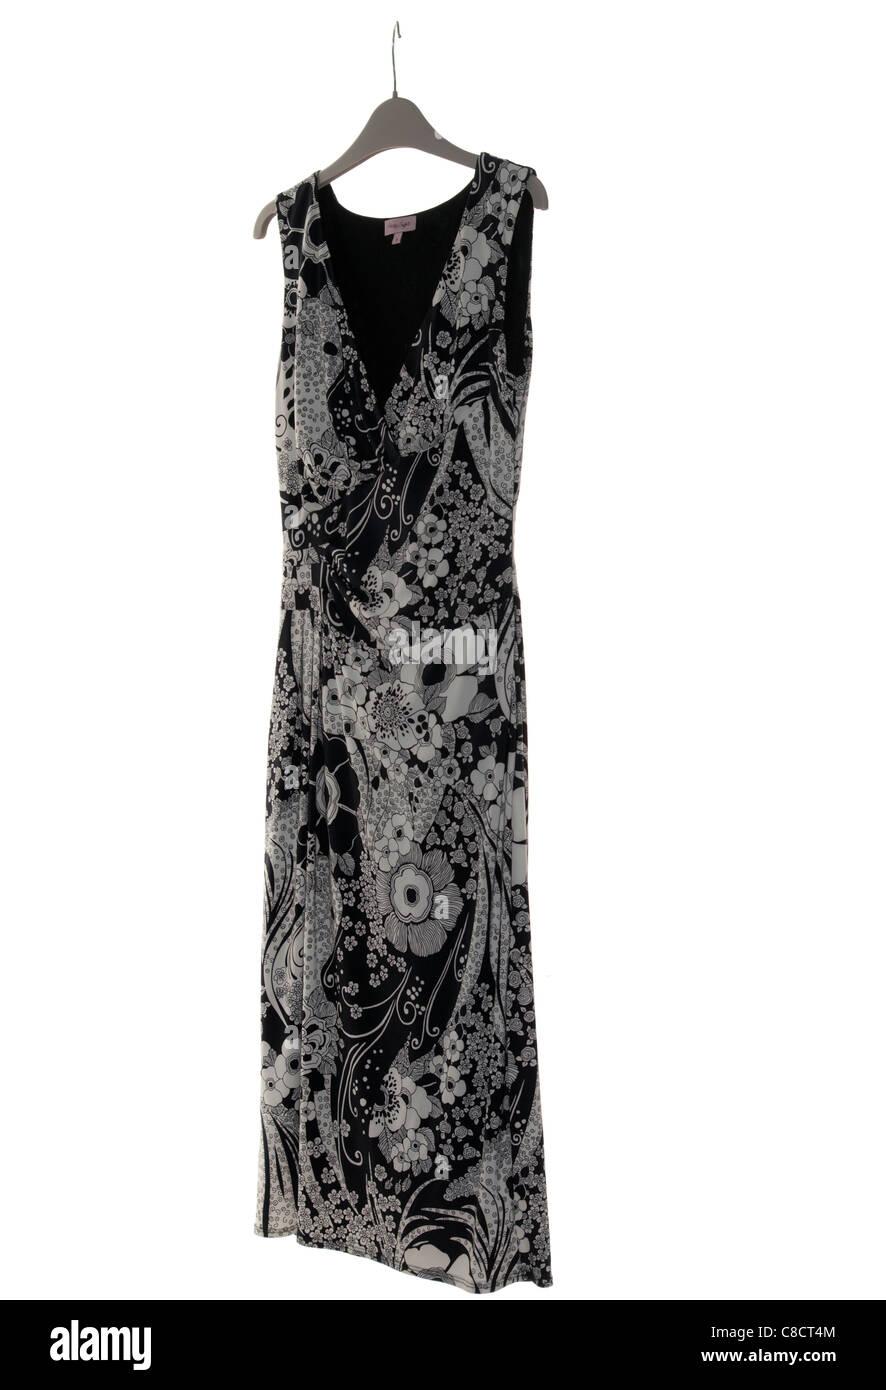 Womens womens Ladies Sleeveless blanco y negro vestido en una percha Imagen De Stock